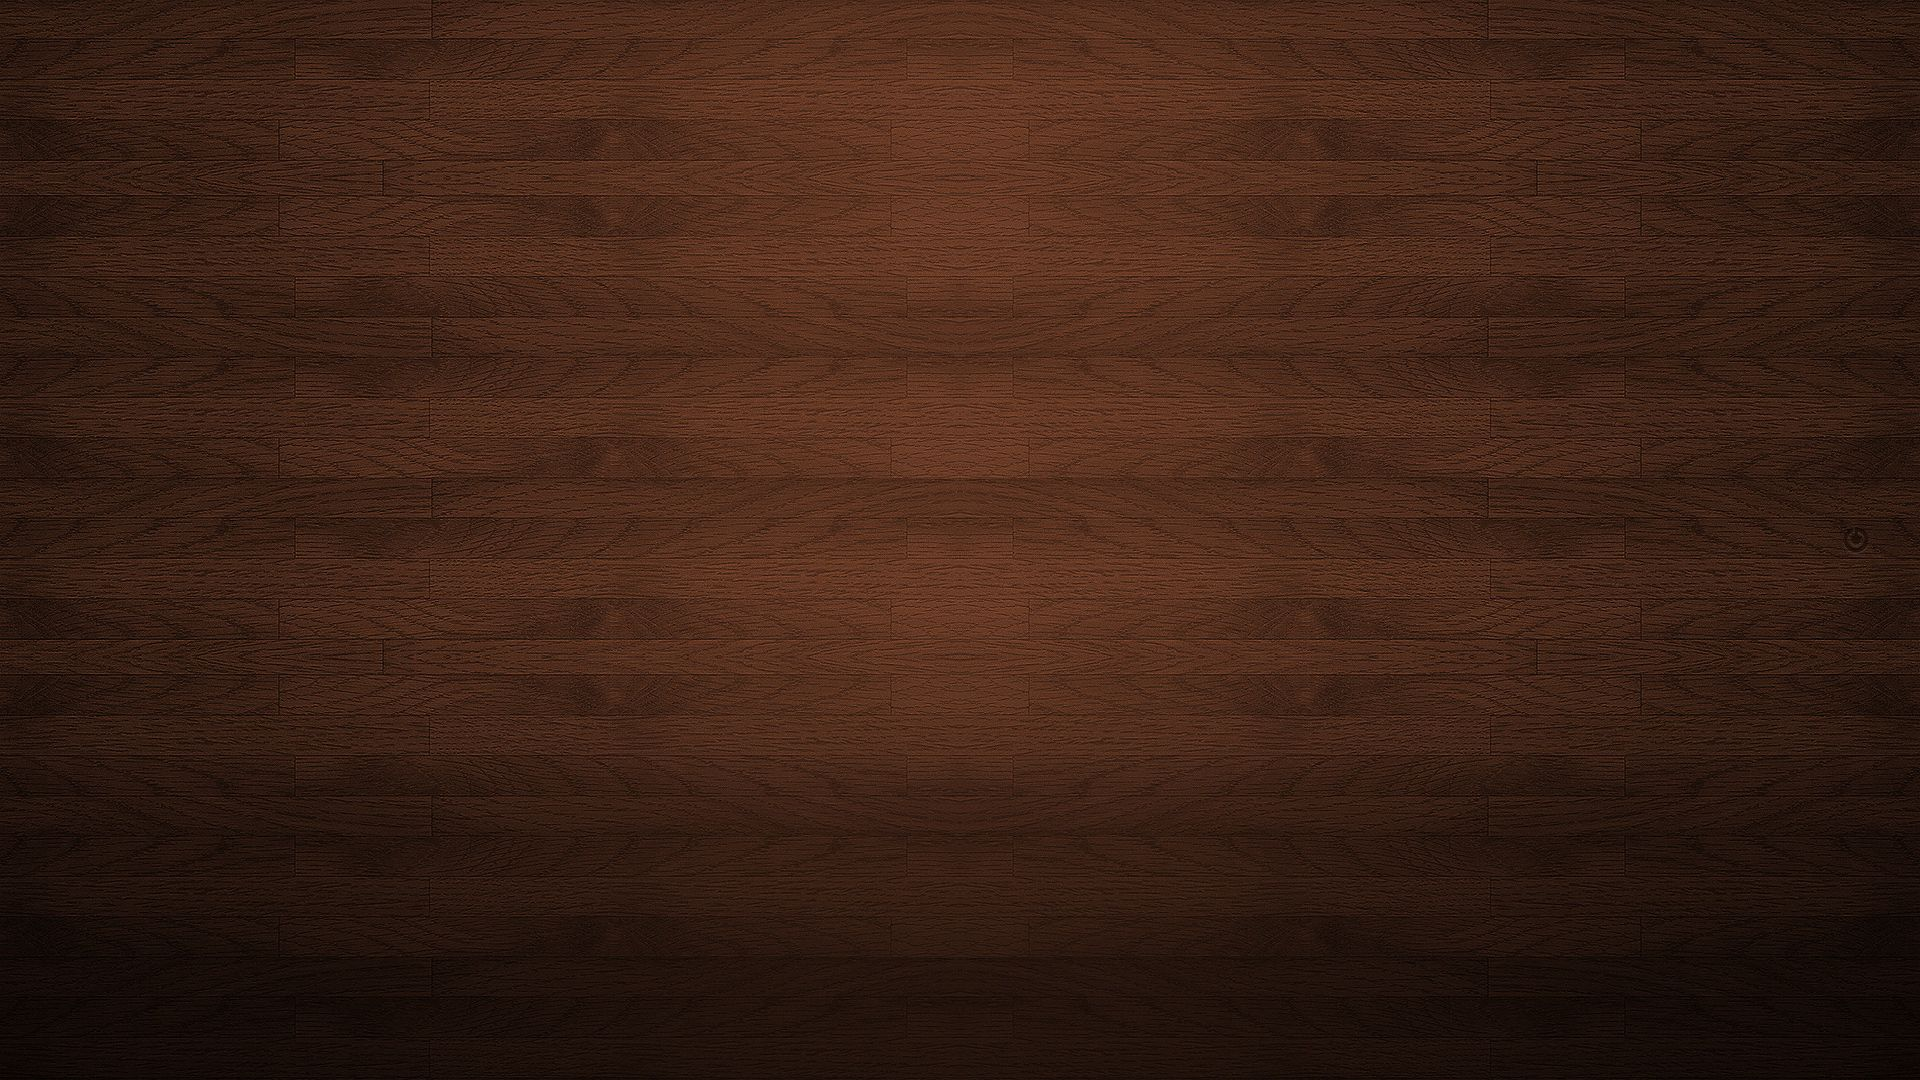 153634 обои 2160x3840 на телефон бесплатно, скачать картинки Текстуры, Деревянный, Темный, Поверхность, Тень, Доска 2160x3840 на мобильный